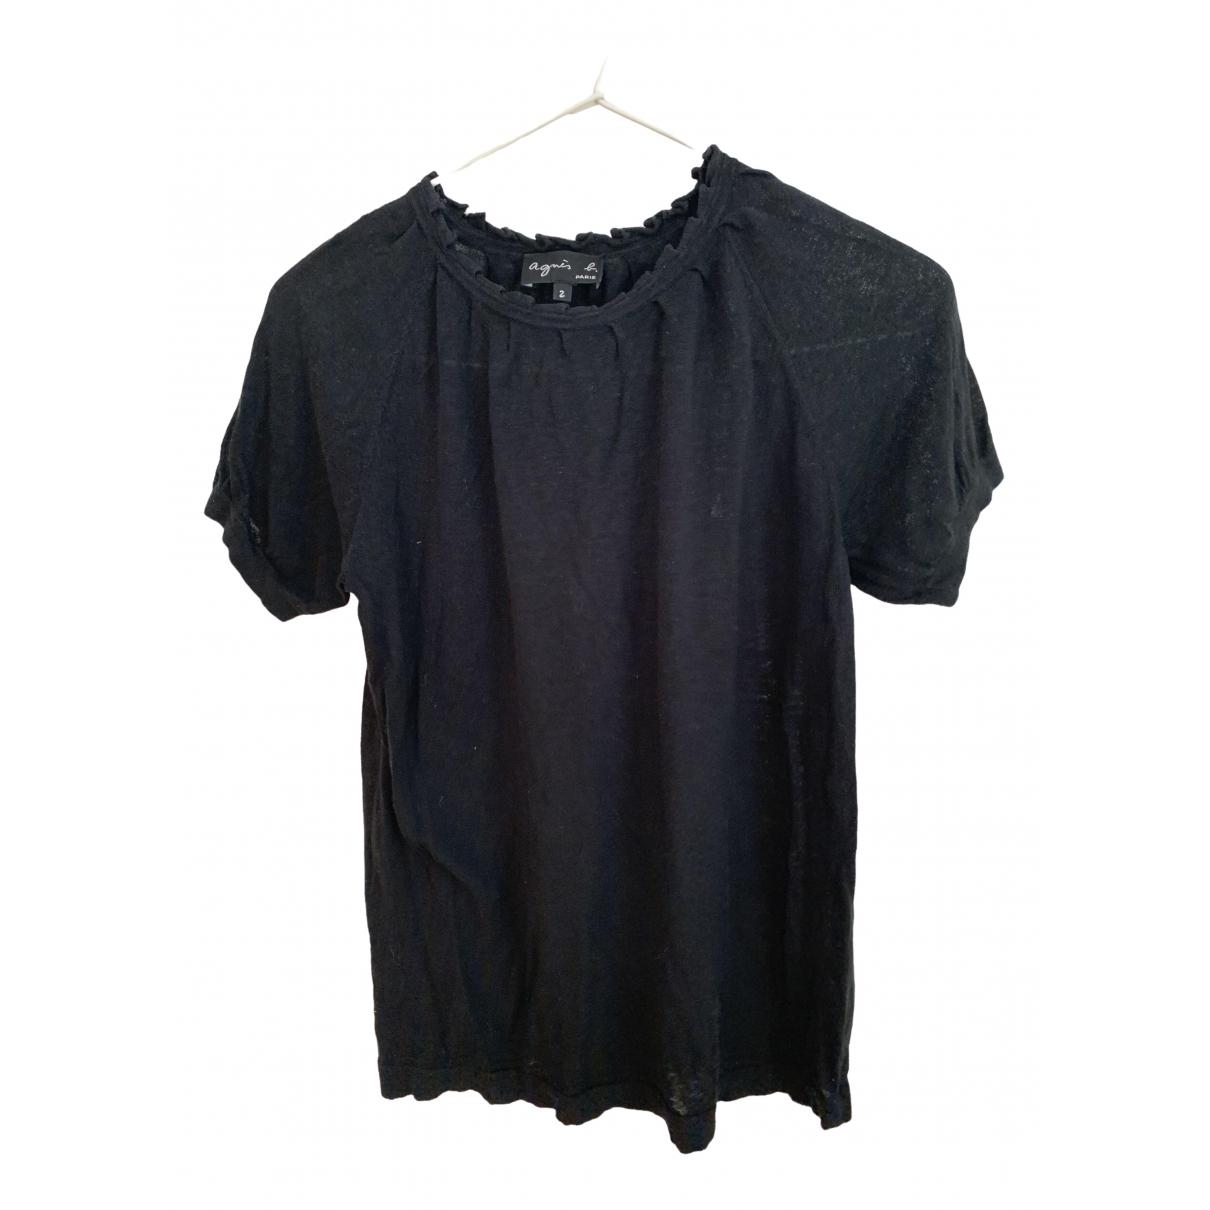 Camiseta Agnes B.